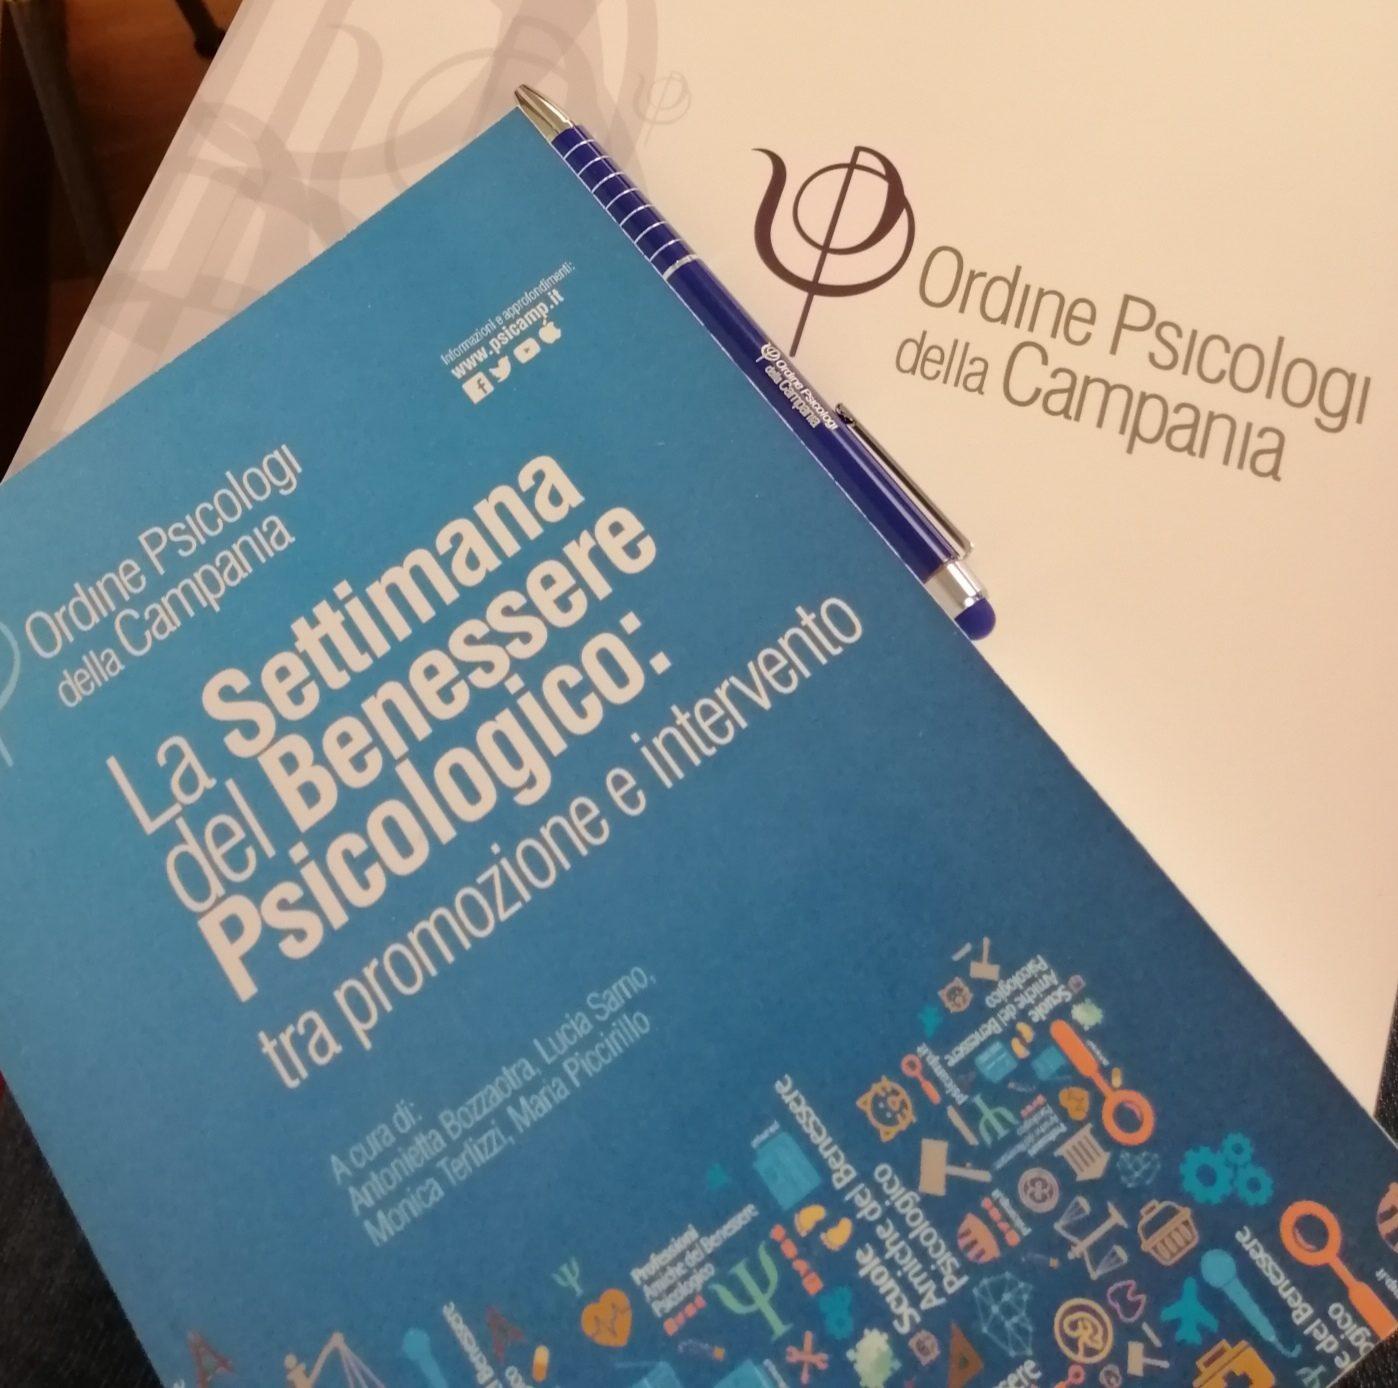 Consulenze Psicologiche Gratuite Dal 10 Al 19 Ottobre A Caserta